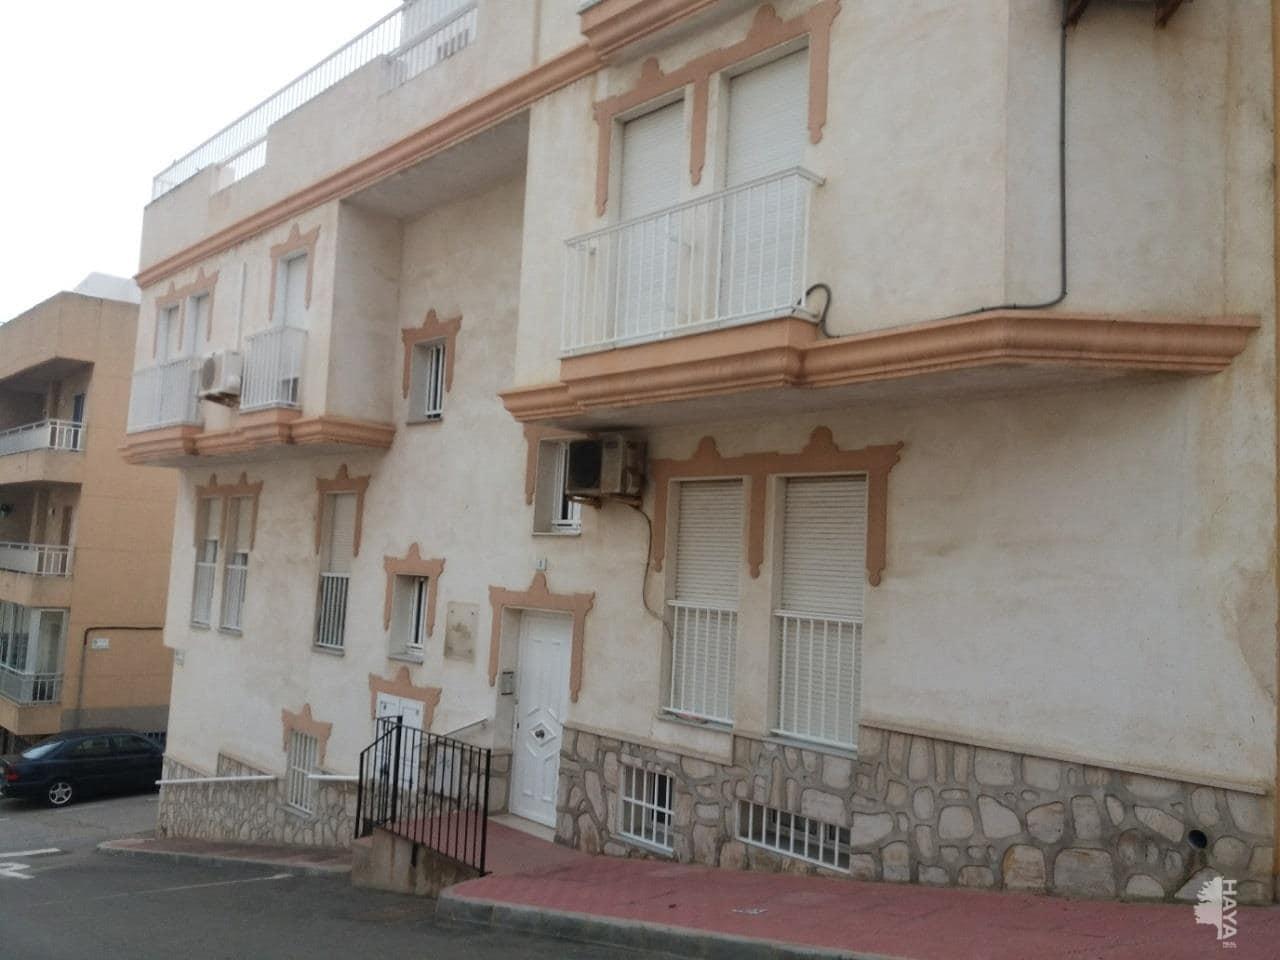 Piso en venta en Garrucha, Almería, Calle Rivera, 114.556 €, 3 habitaciones, 1 baño, 105 m2